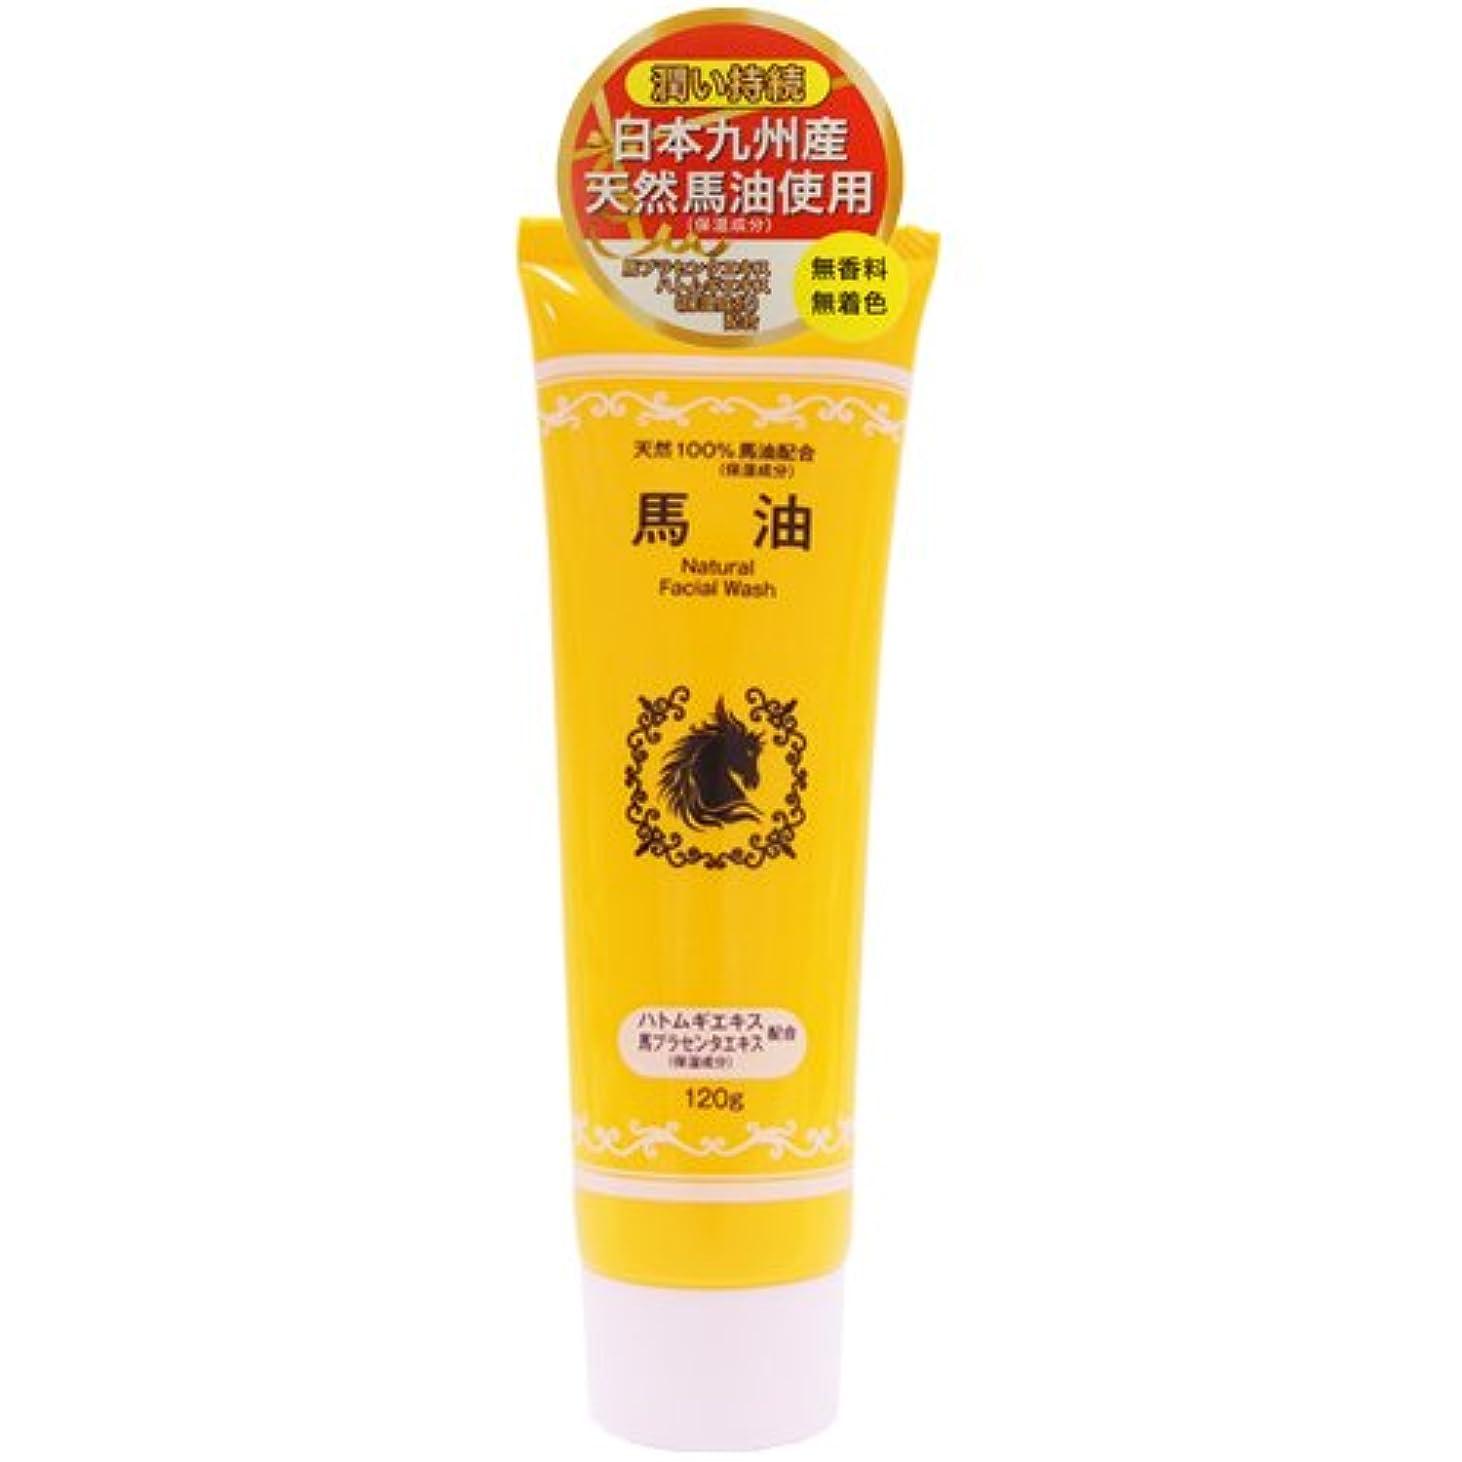 涙織る支援する馬油配合洗顔フォーム 120g